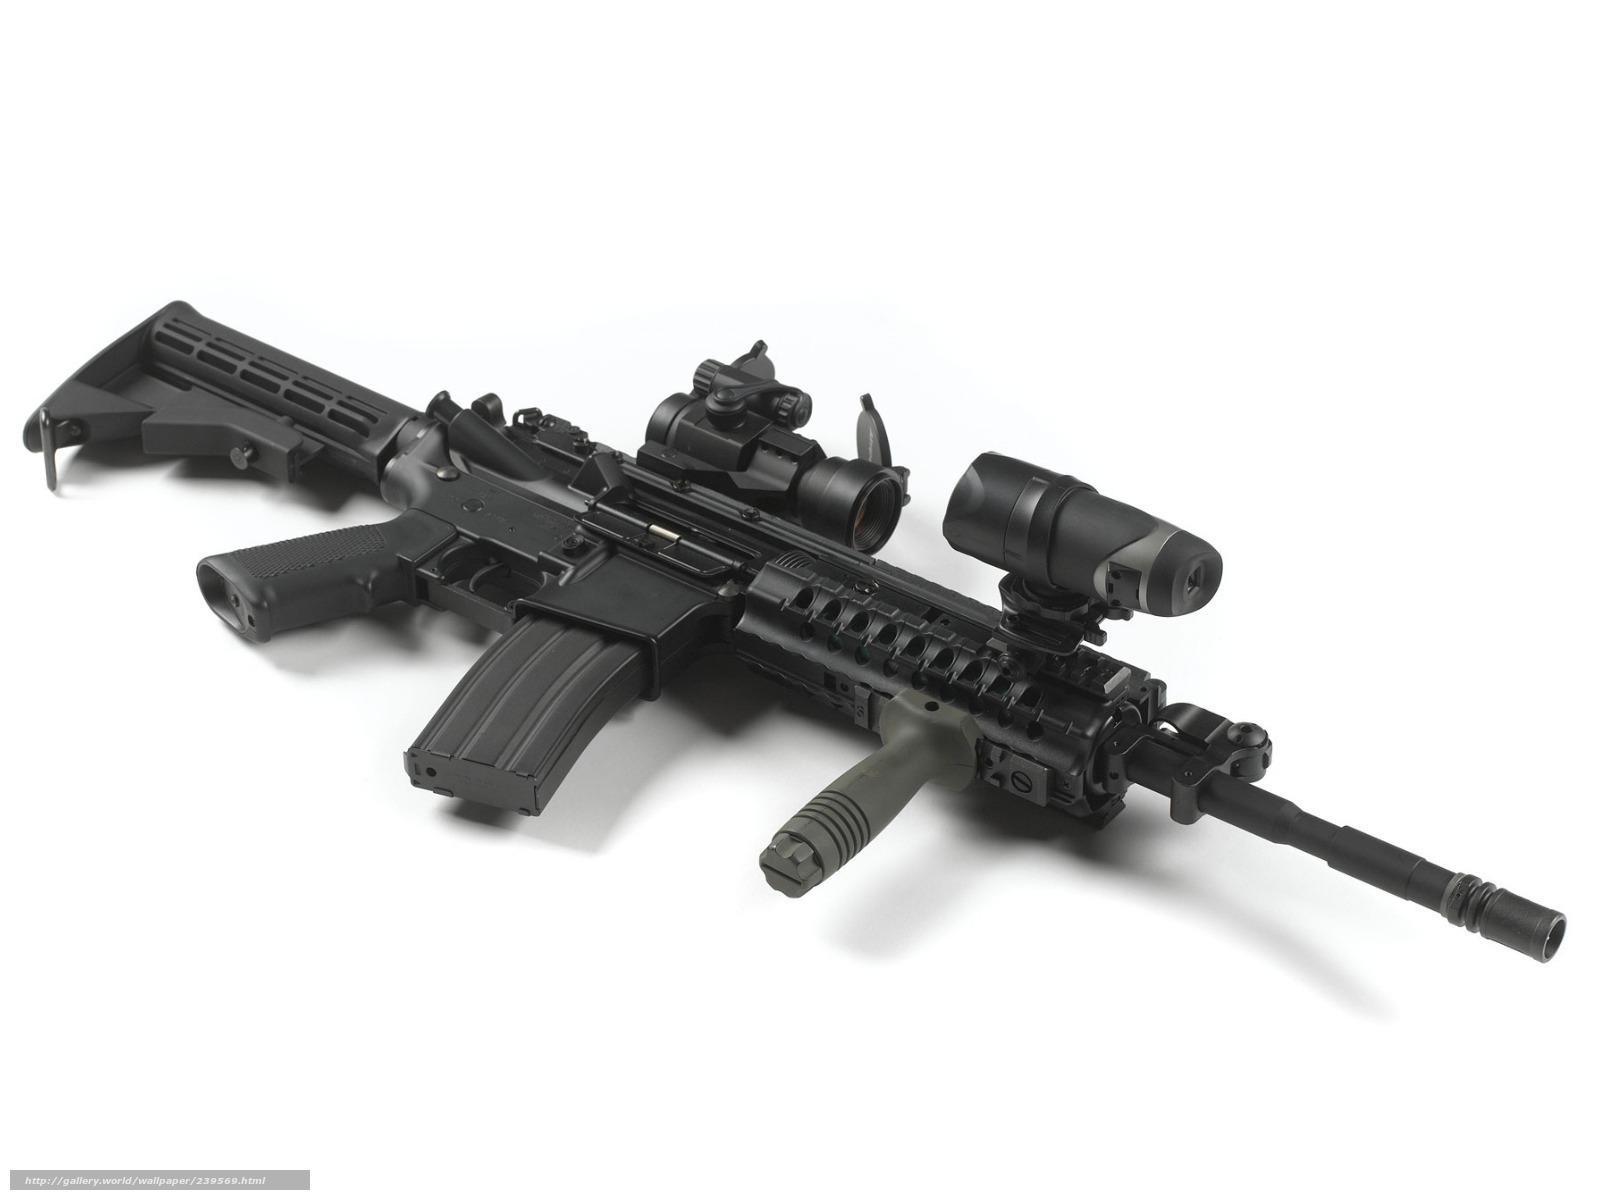 tlcharger fond d 39 ecran m 4 arme m4a1 carabine usa fonds d 39 ecran gratuits pour votre rsolution. Black Bedroom Furniture Sets. Home Design Ideas